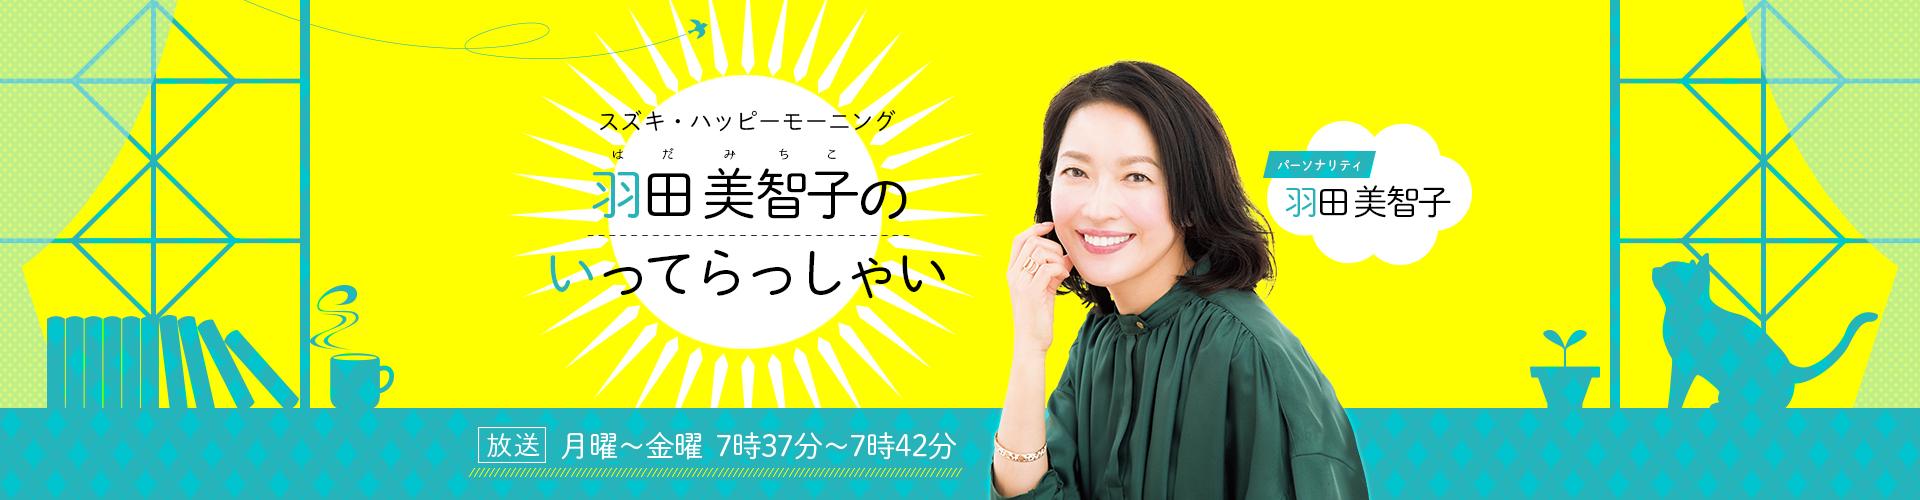 美智子 らっしゃい 羽田 て の いっ